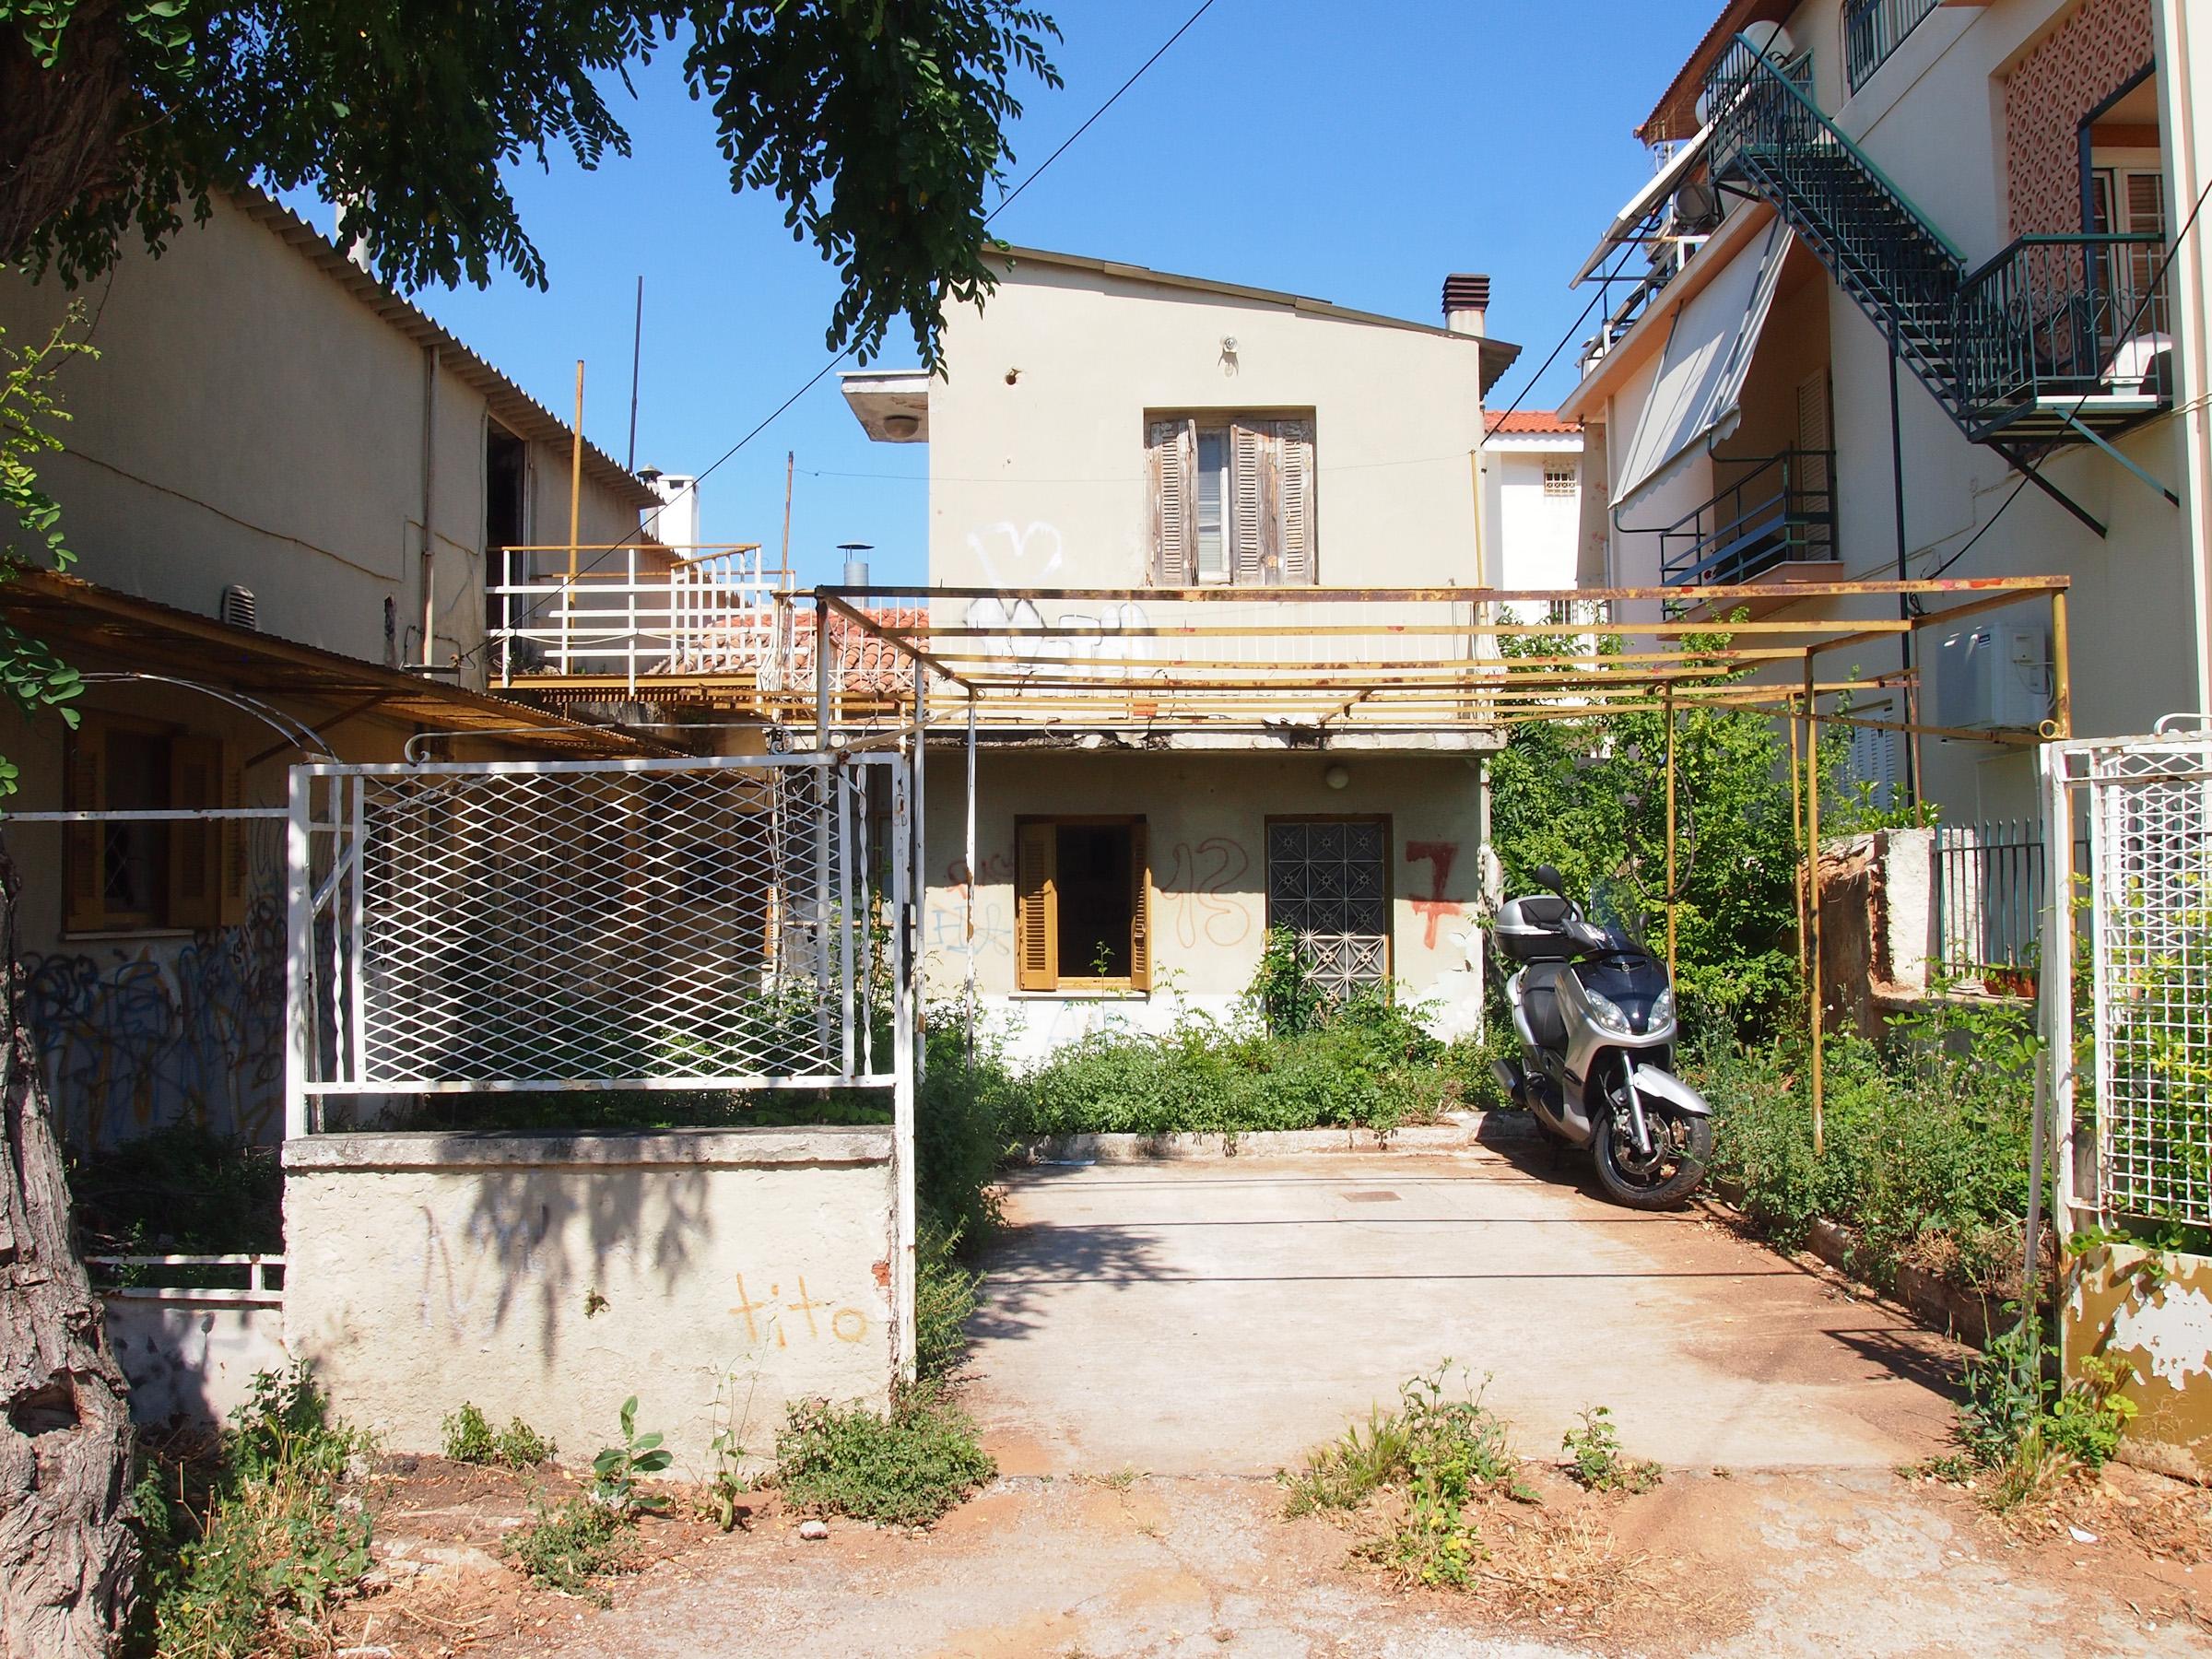 Traditionelles Häuschen in Kifissia, Athen. Foto: jag, 2017.